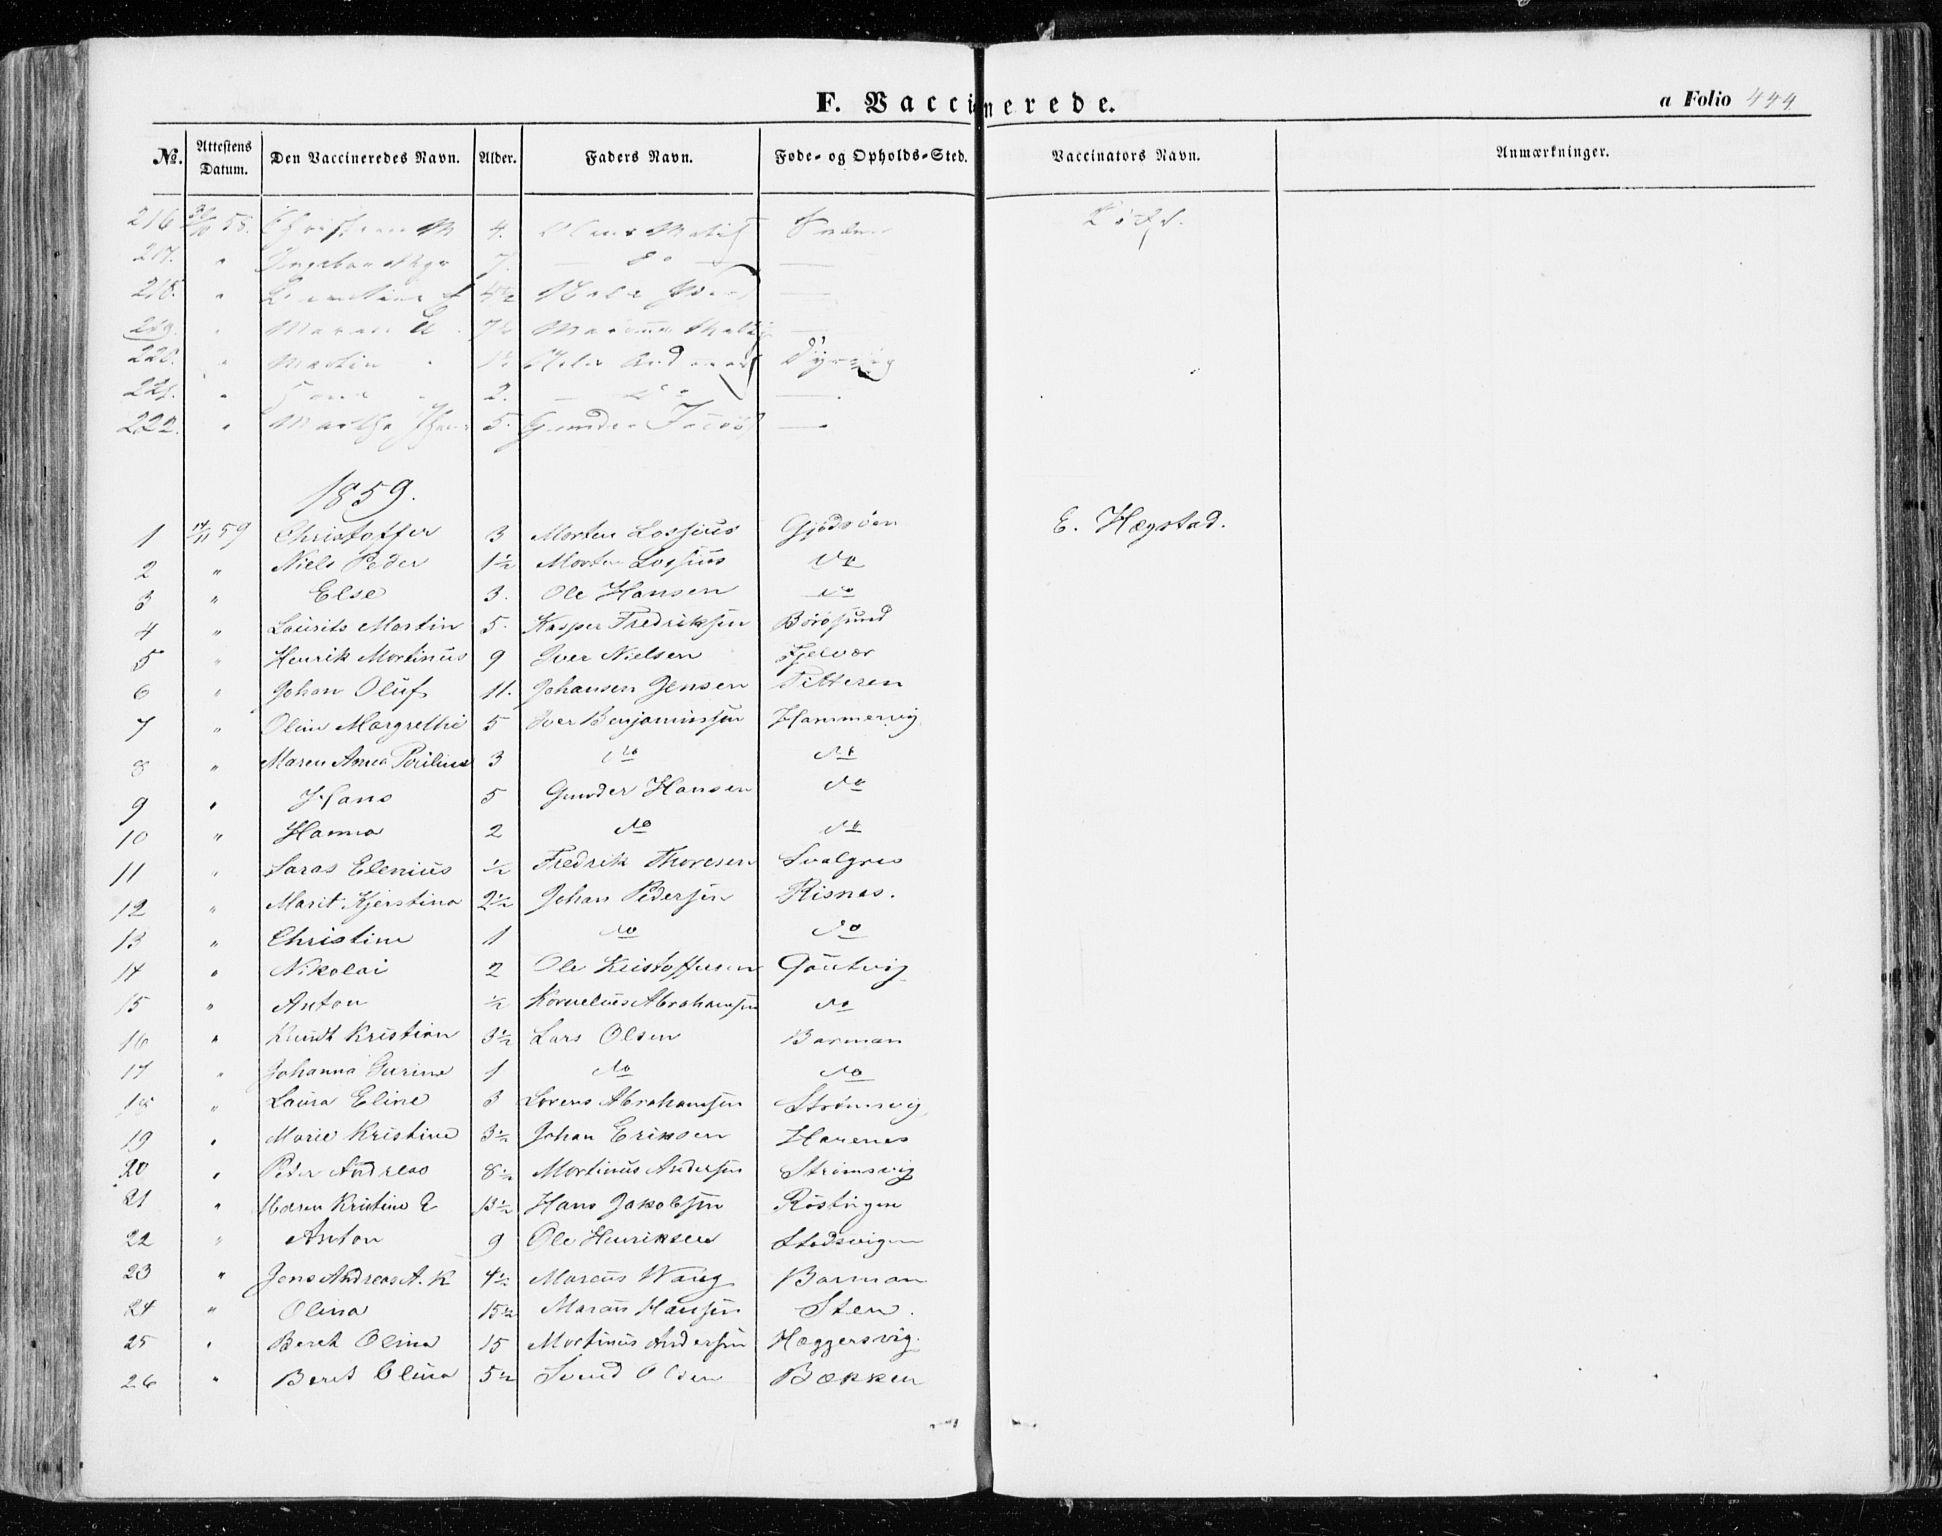 SAT, Ministerialprotokoller, klokkerbøker og fødselsregistre - Sør-Trøndelag, 634/L0530: Ministerialbok nr. 634A06, 1852-1860, s. 444